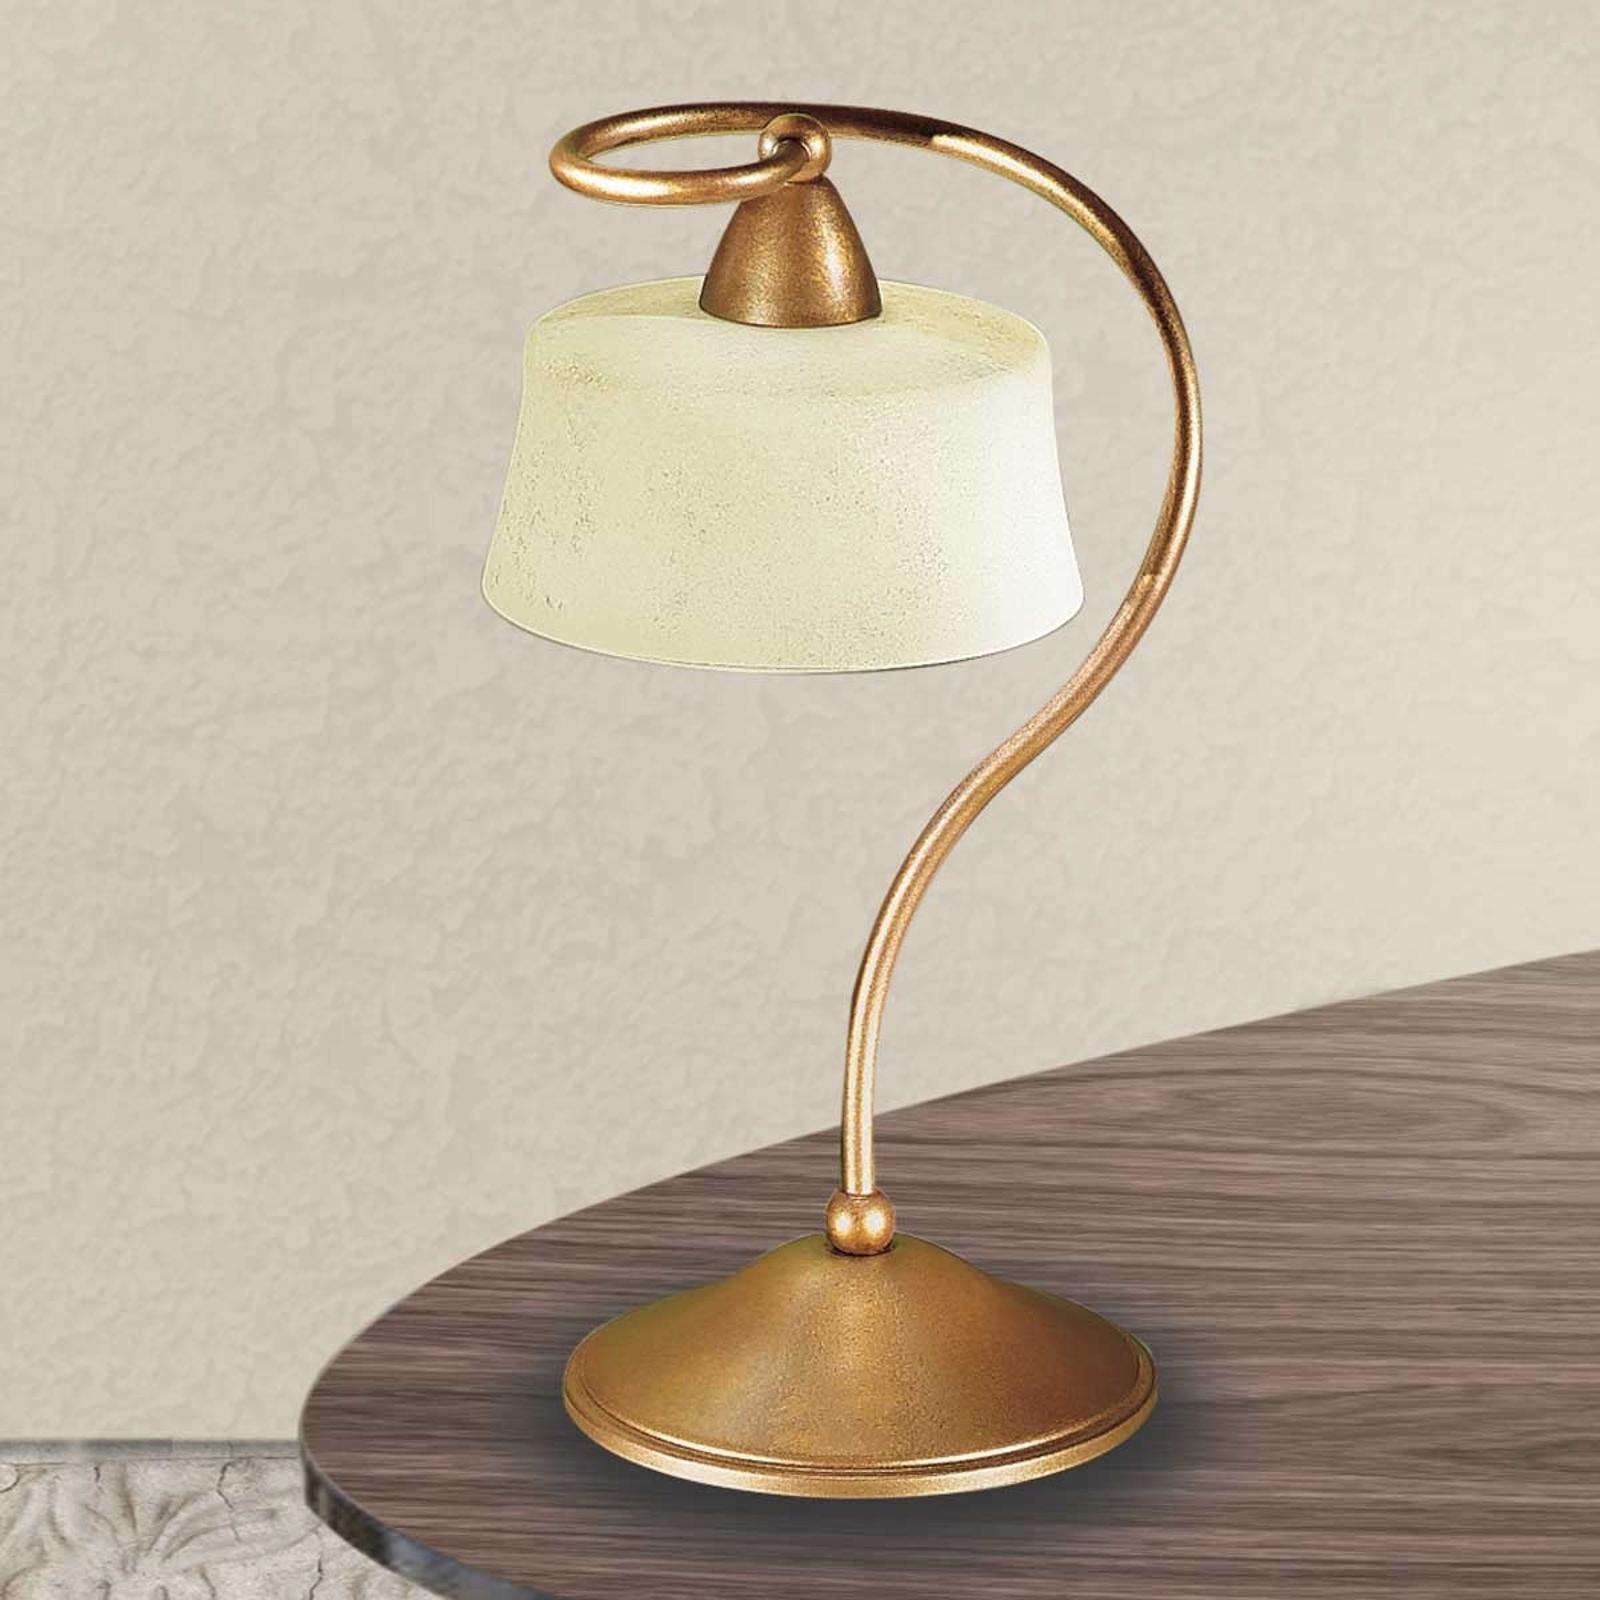 Lampa stołowa Alessio 1-pkt. wisząca